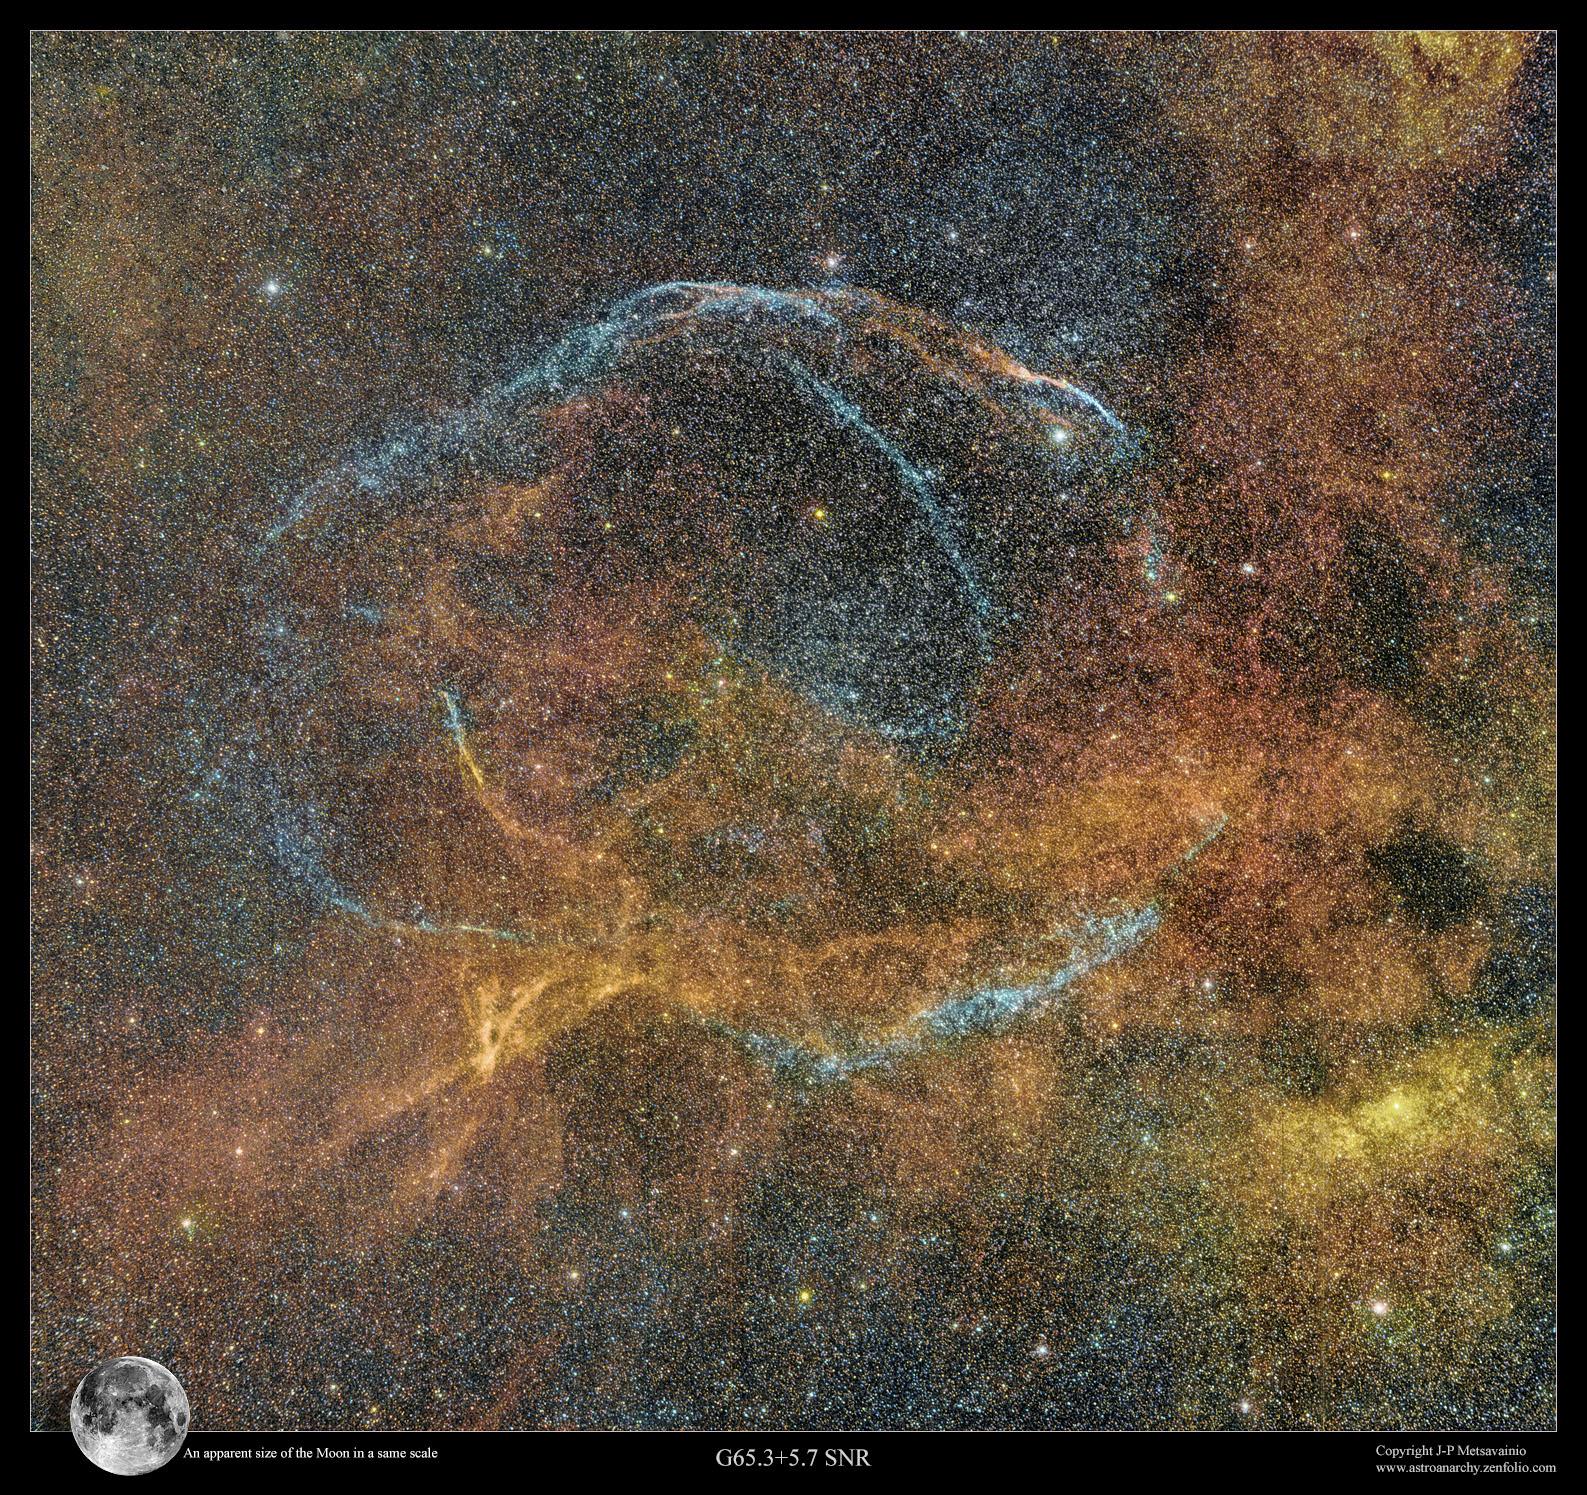 Le reste de supernova G65.3 + 5.7.